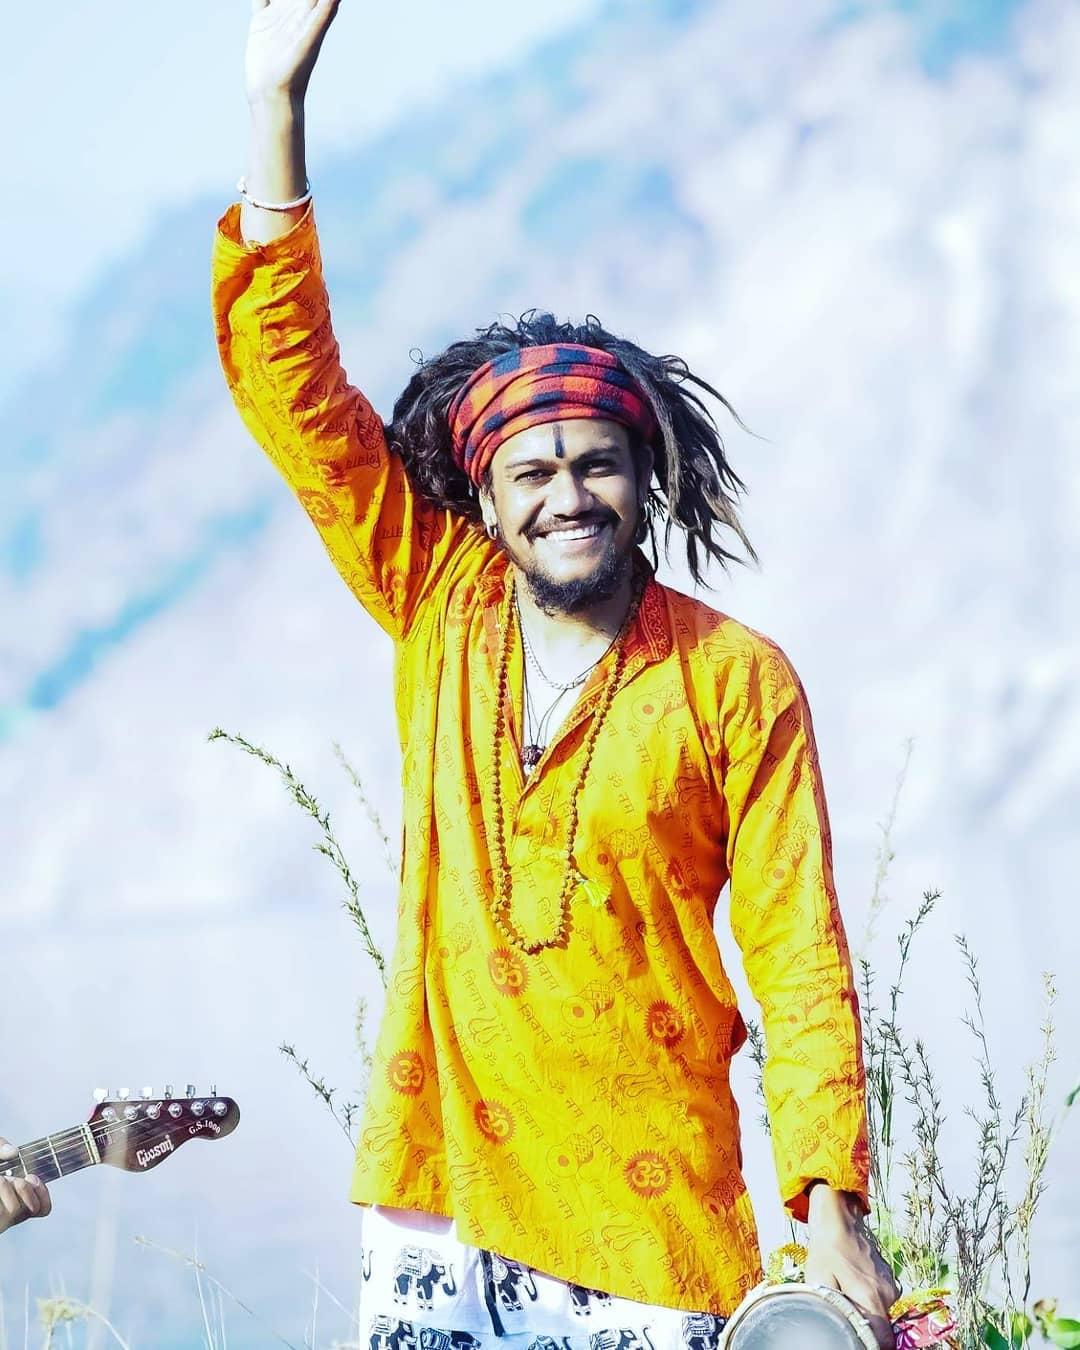 गायक सुरेश वर्मा यांच्या सल्ल्यावरुन गाण्याची सुरुवात केली होती. त्यानं सुरेश वर्मा यांन गाणं लिहायला सांगितलं होतं ज्यानंतर भोला है भंडारी तयार झालं. ज्याला हंसराजनं आवाज दिला.